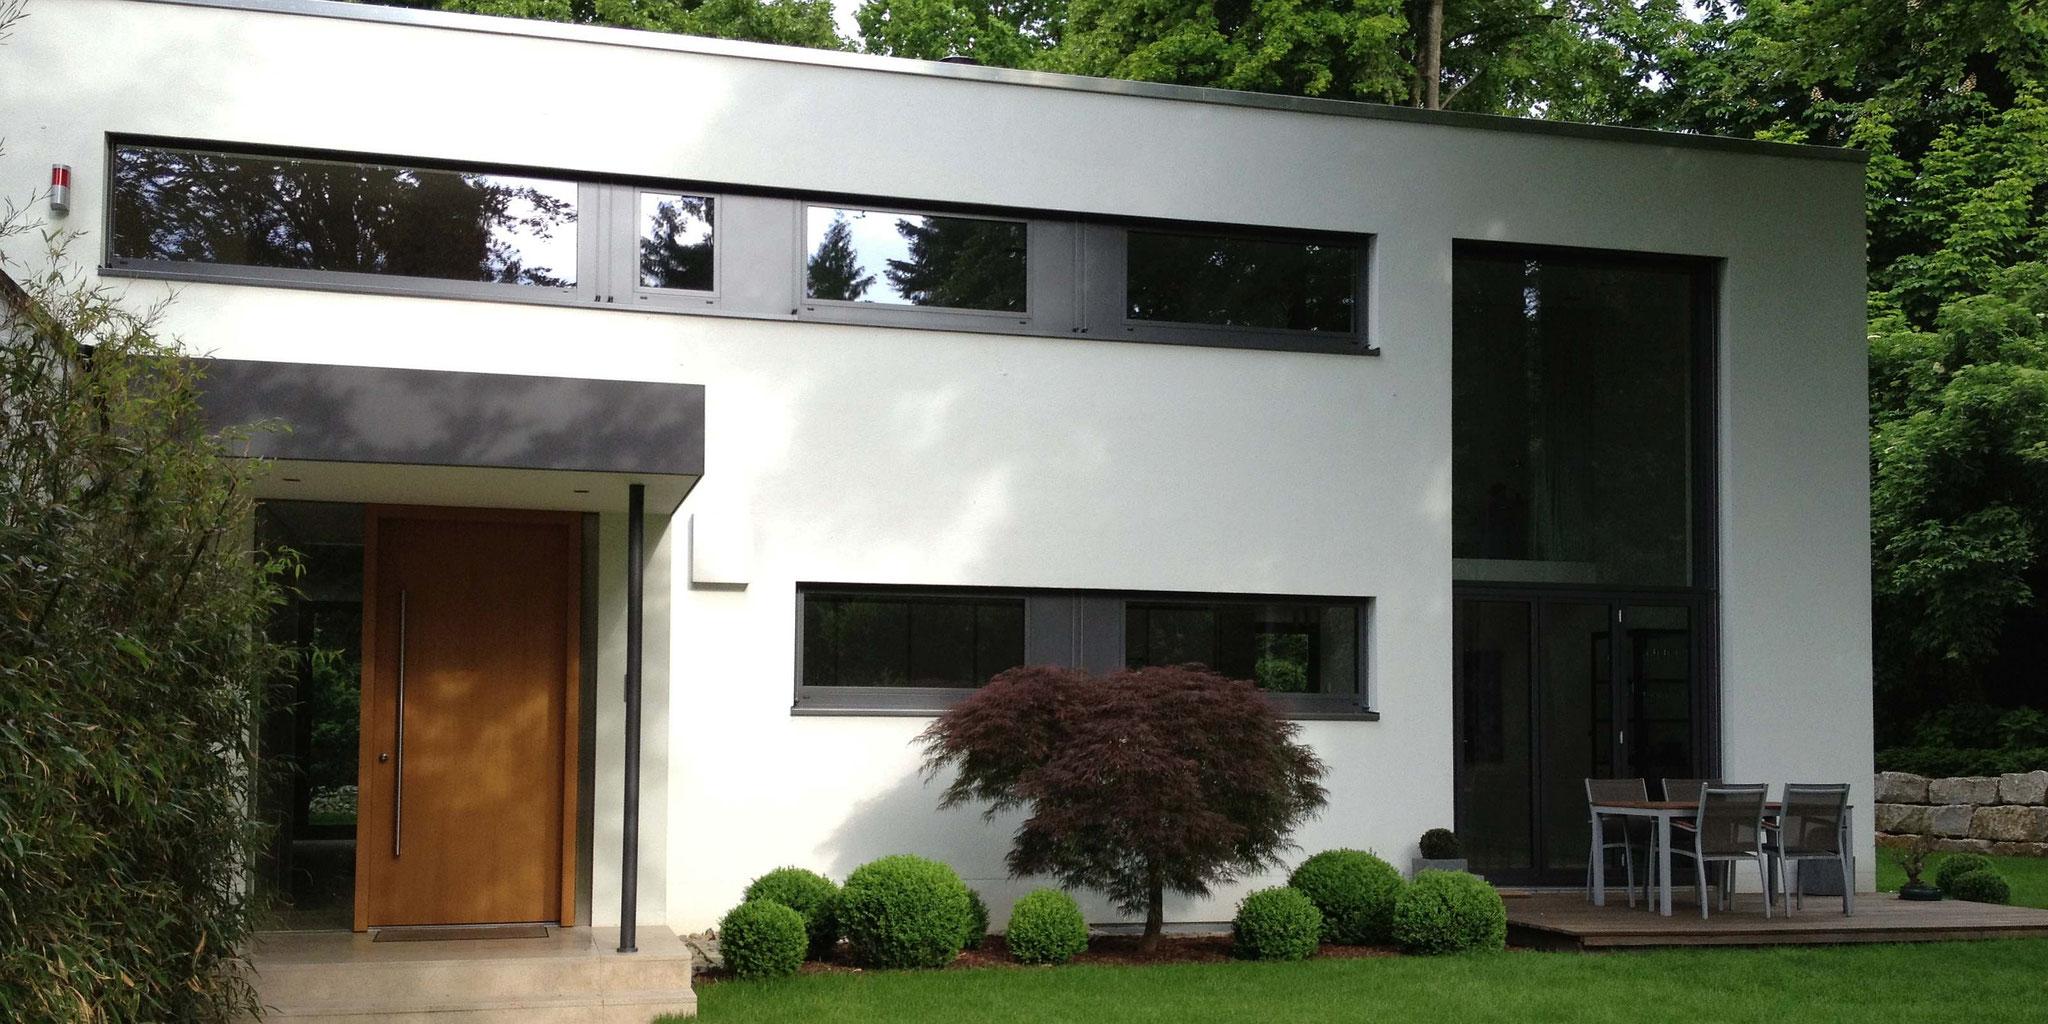 Architekten Frankfurt – Umbau Einfamilienhaus, energetische Sanierung in Bad-Homburg, Architekturbüro Frick.Reichert Architekten